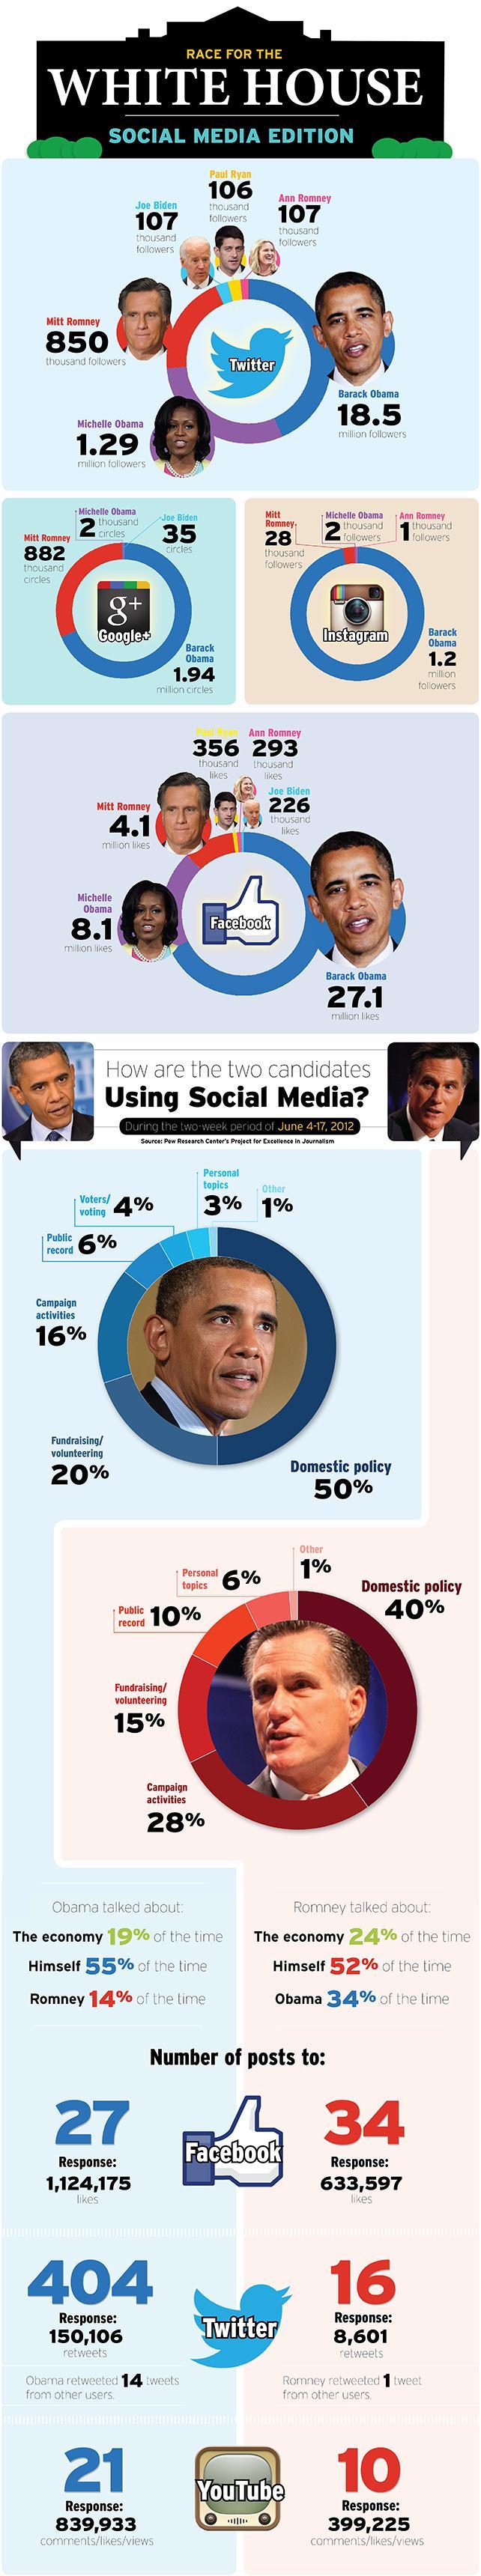 Les élections américaines se joueront-elles sur les médias sociaux ?